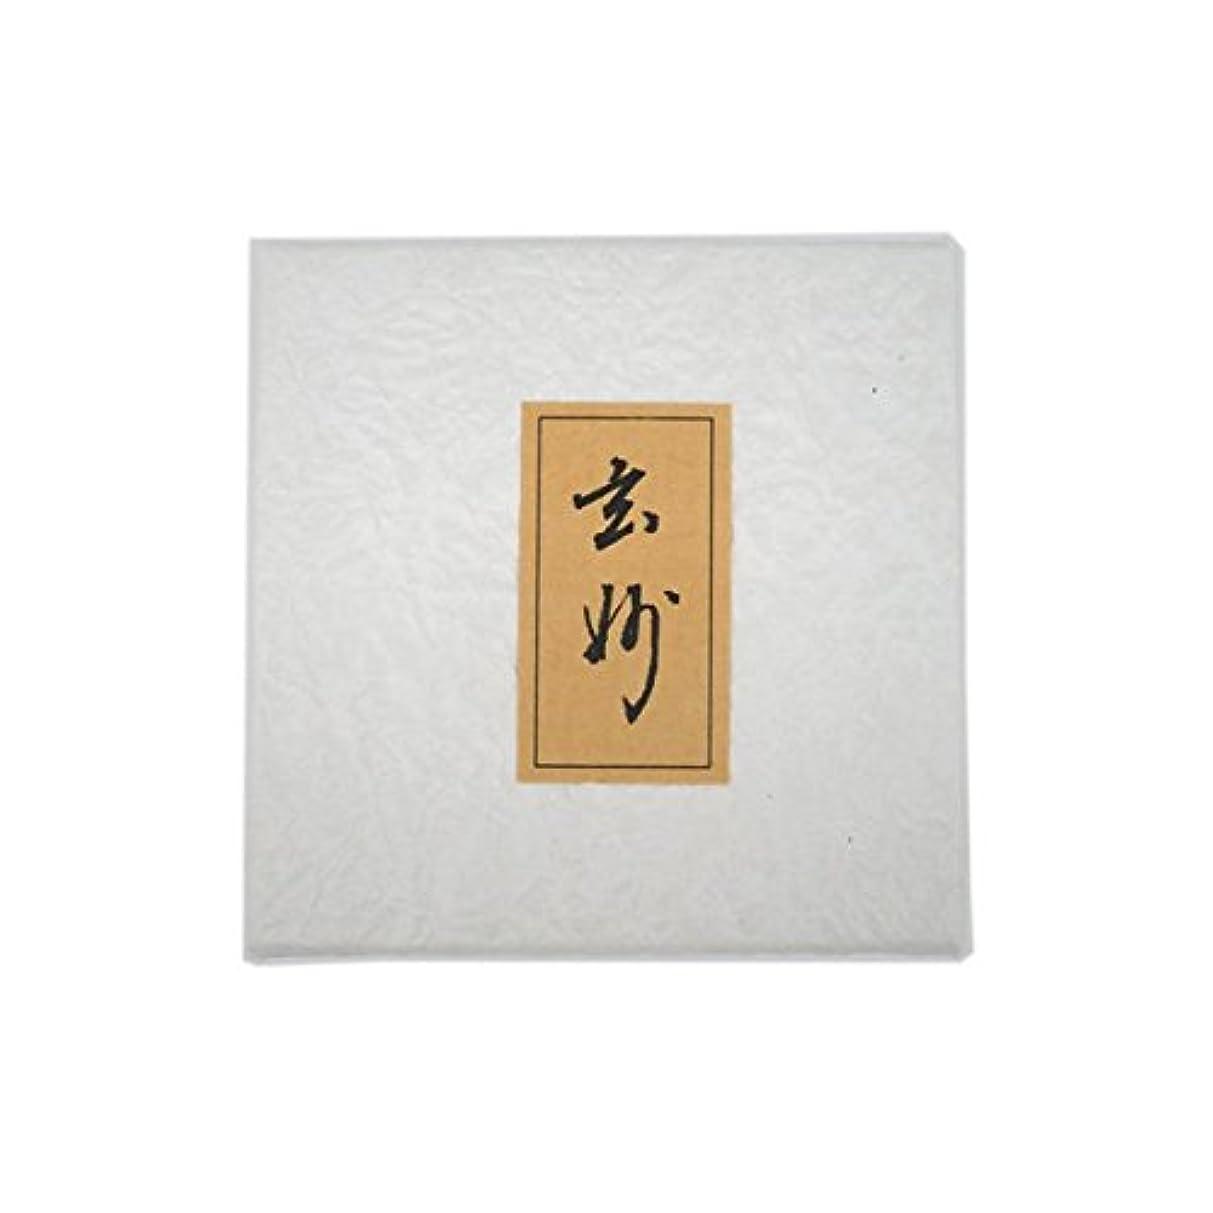 同級生ドキュメンタリーアリーナ玄妙 紙箱入(壷入)